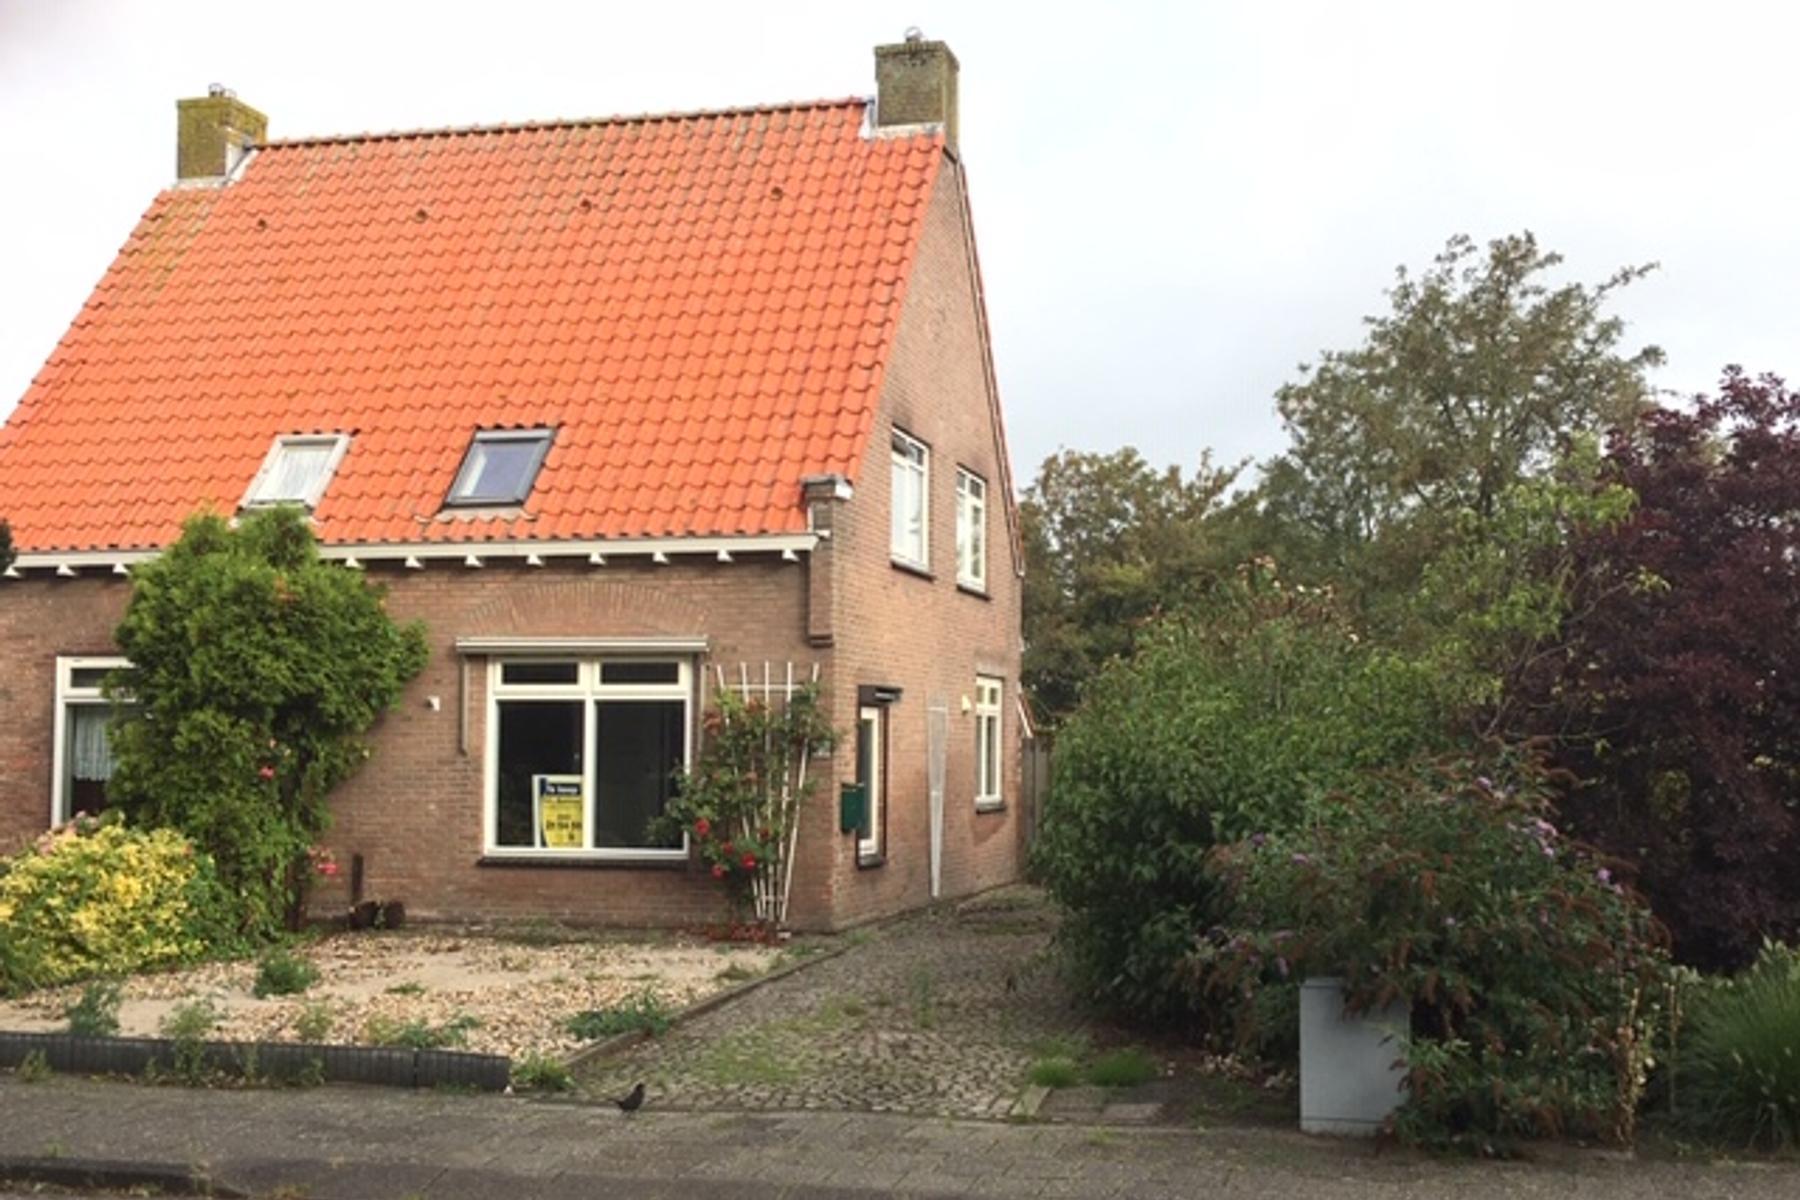 Irenestraat 20 in 'T Zand 1756 AK